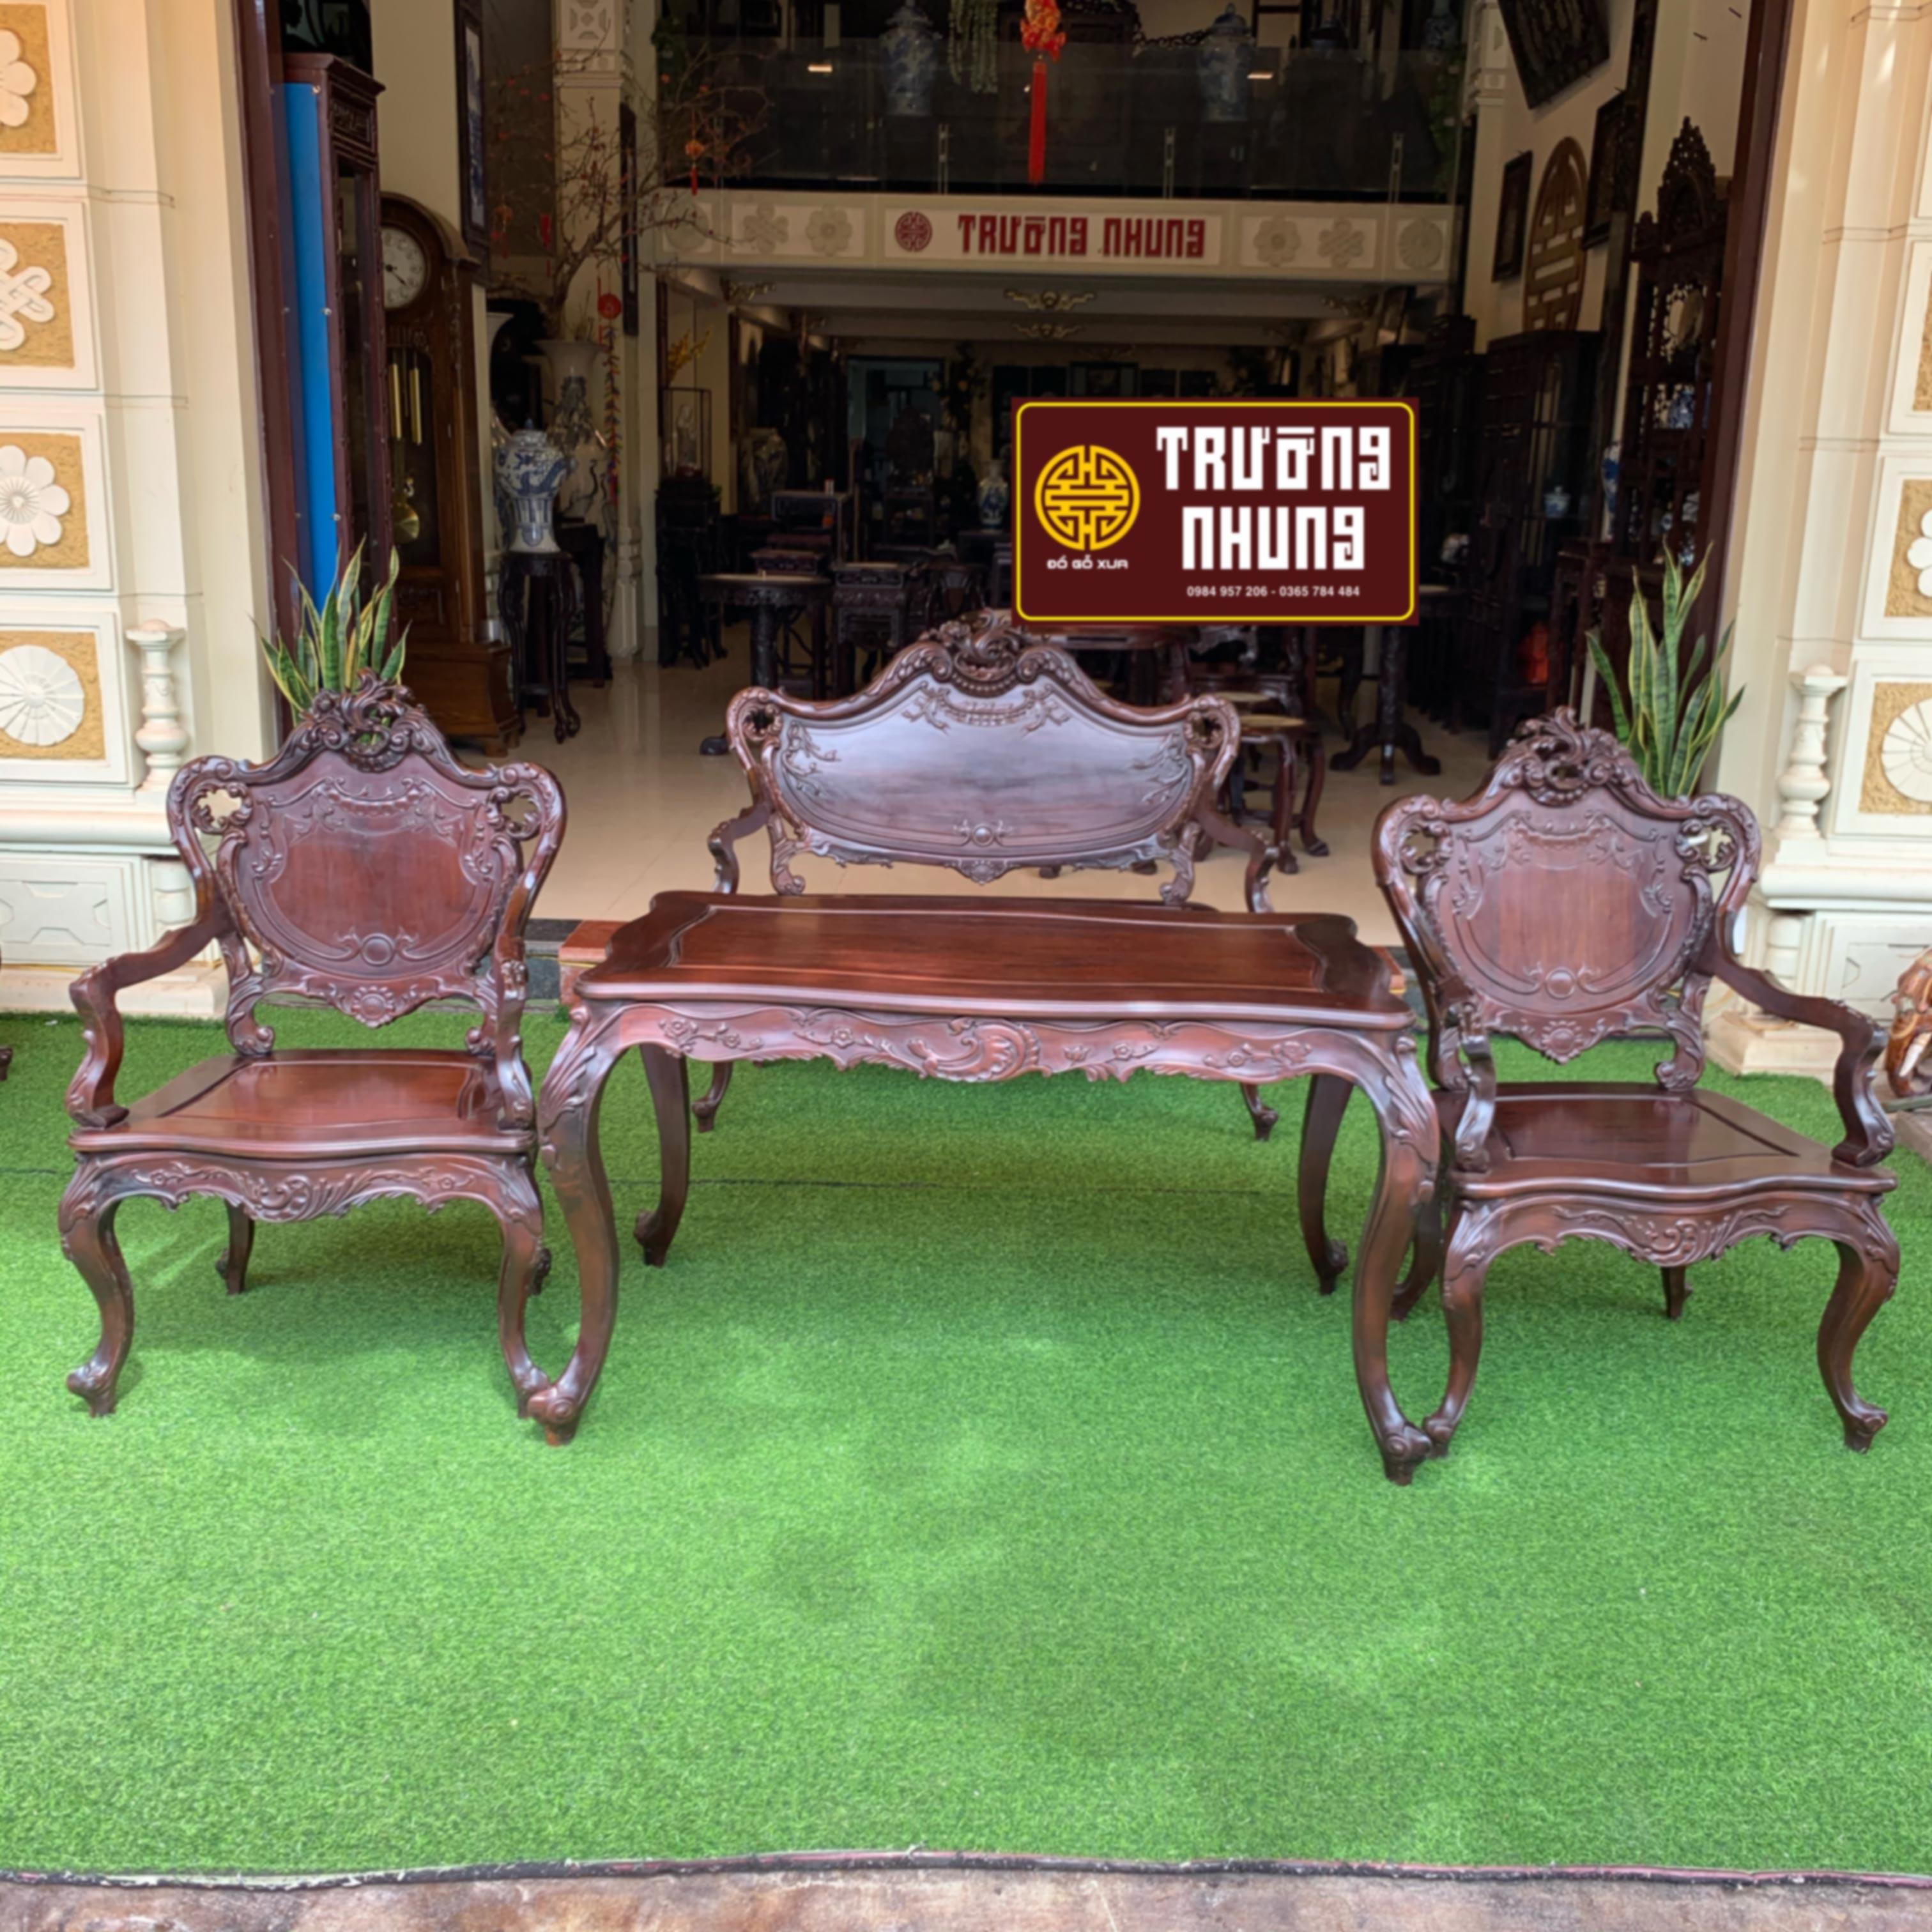 bộ 4  - bộ - ghế - Louis - gỗ - gụ - mật - ĐỒ - GỖ - CỔ - XƯA - ĐẸP - TRƯỜNG - NHUNG